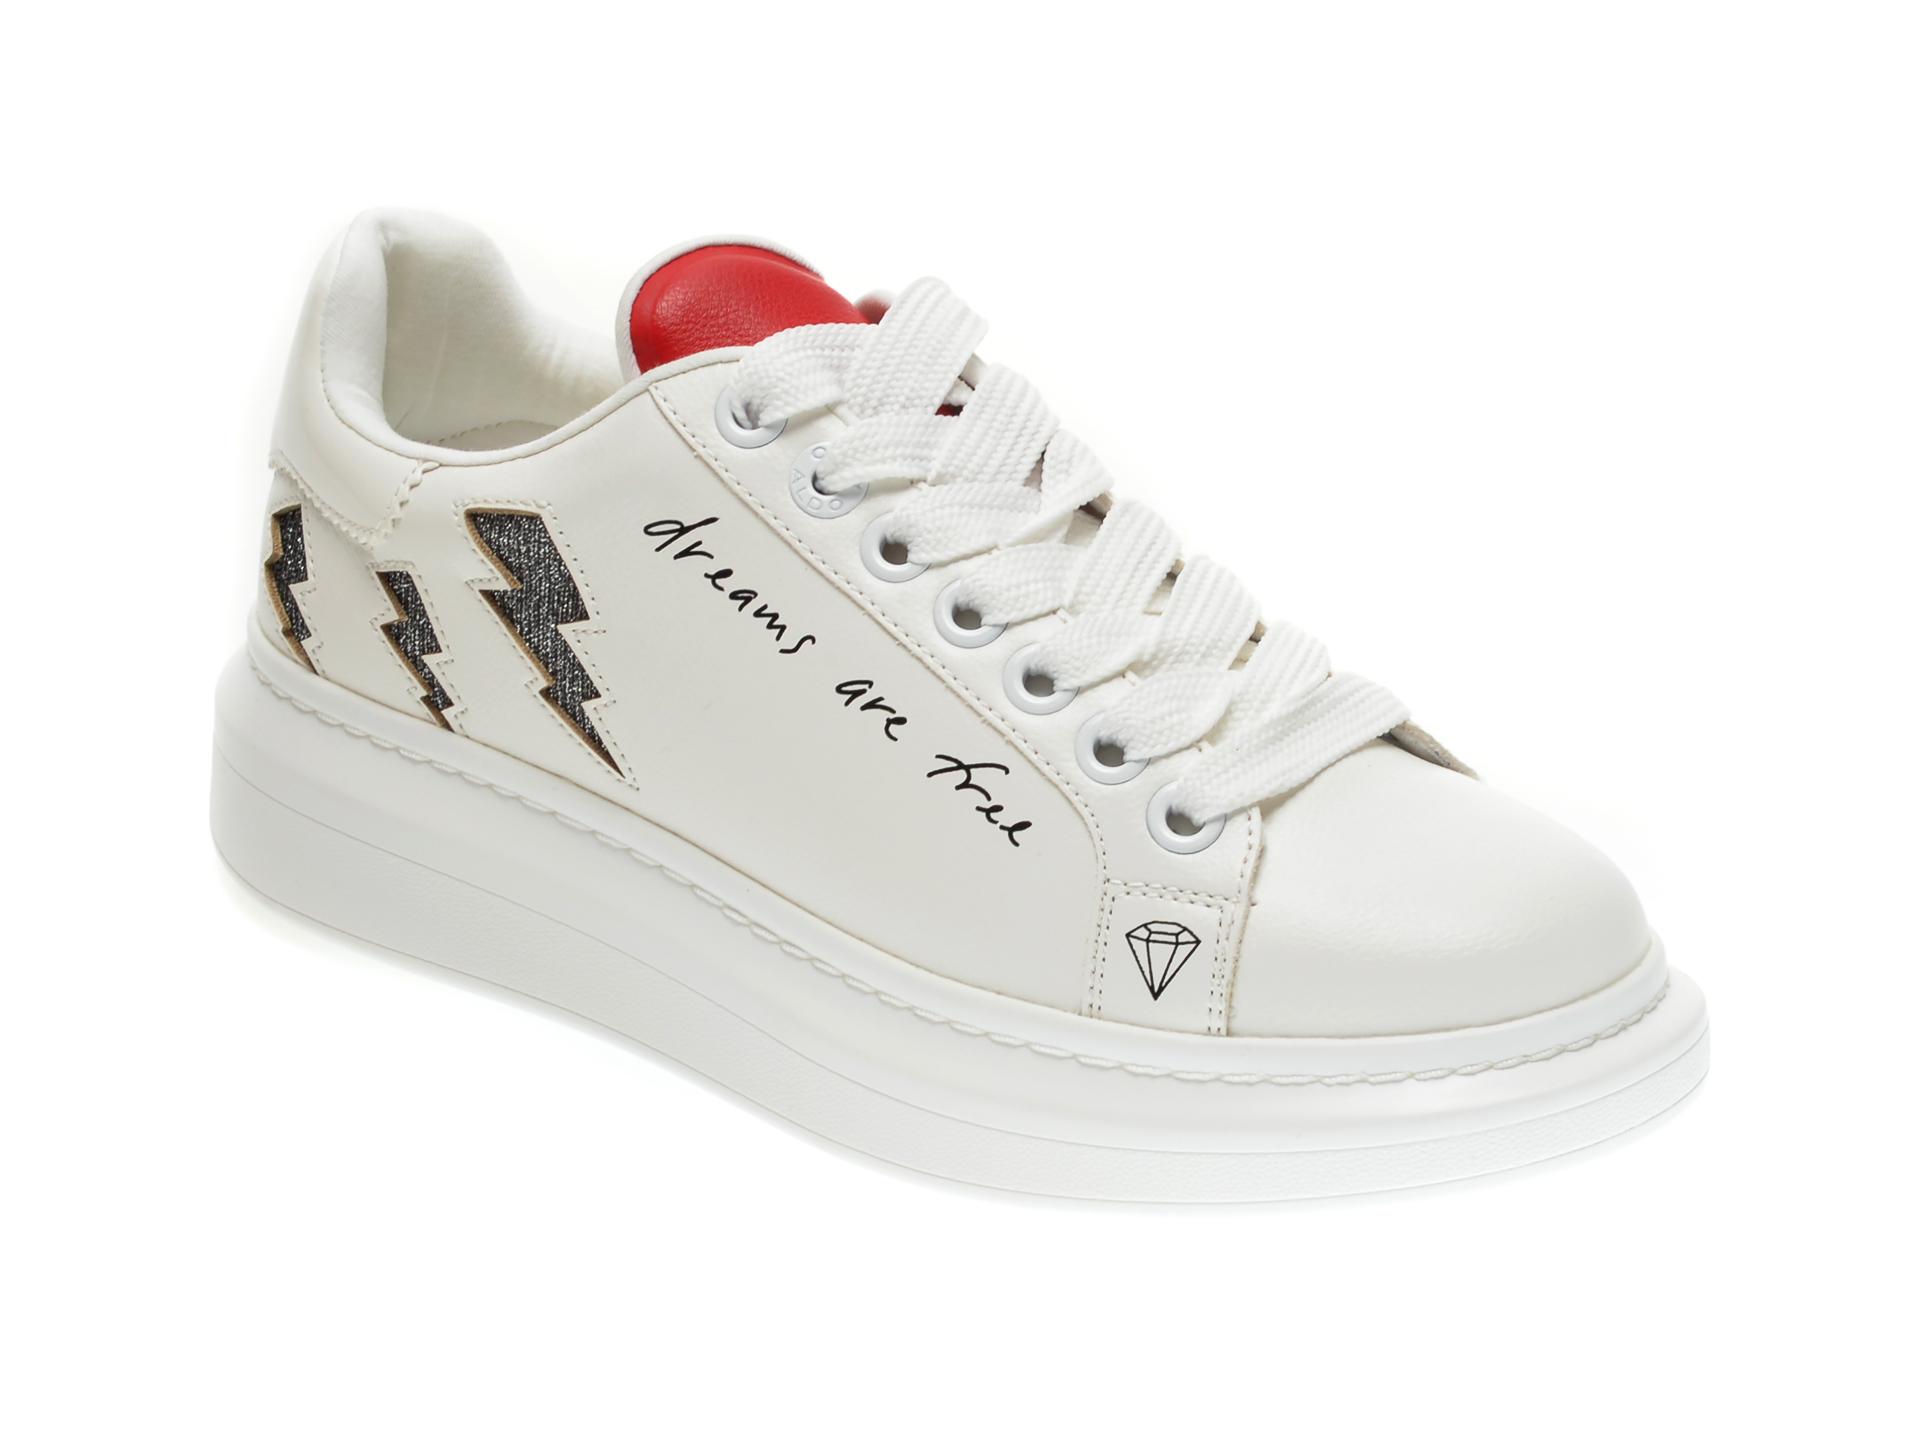 Pantofi sport ALDO albi, Juparana100, din piele ecologica imagine